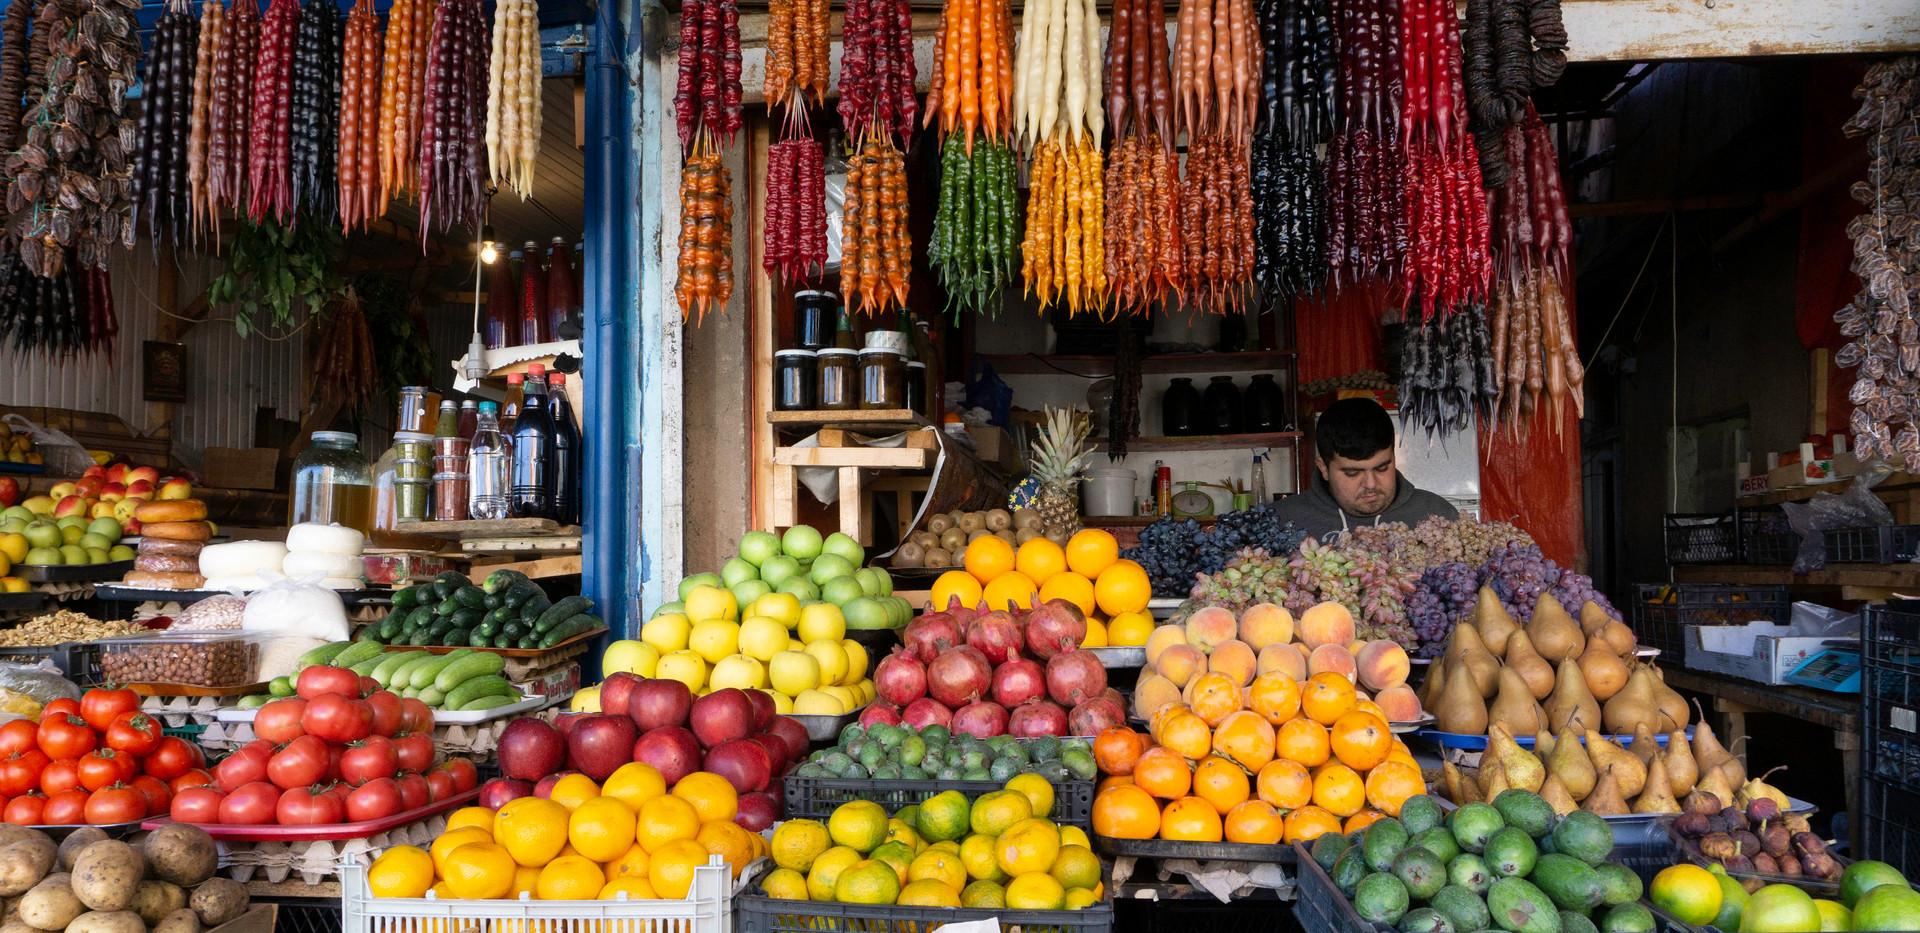 Farbenfrohe Angelegenheit: Obst- und Gemüsestände in Tiflis